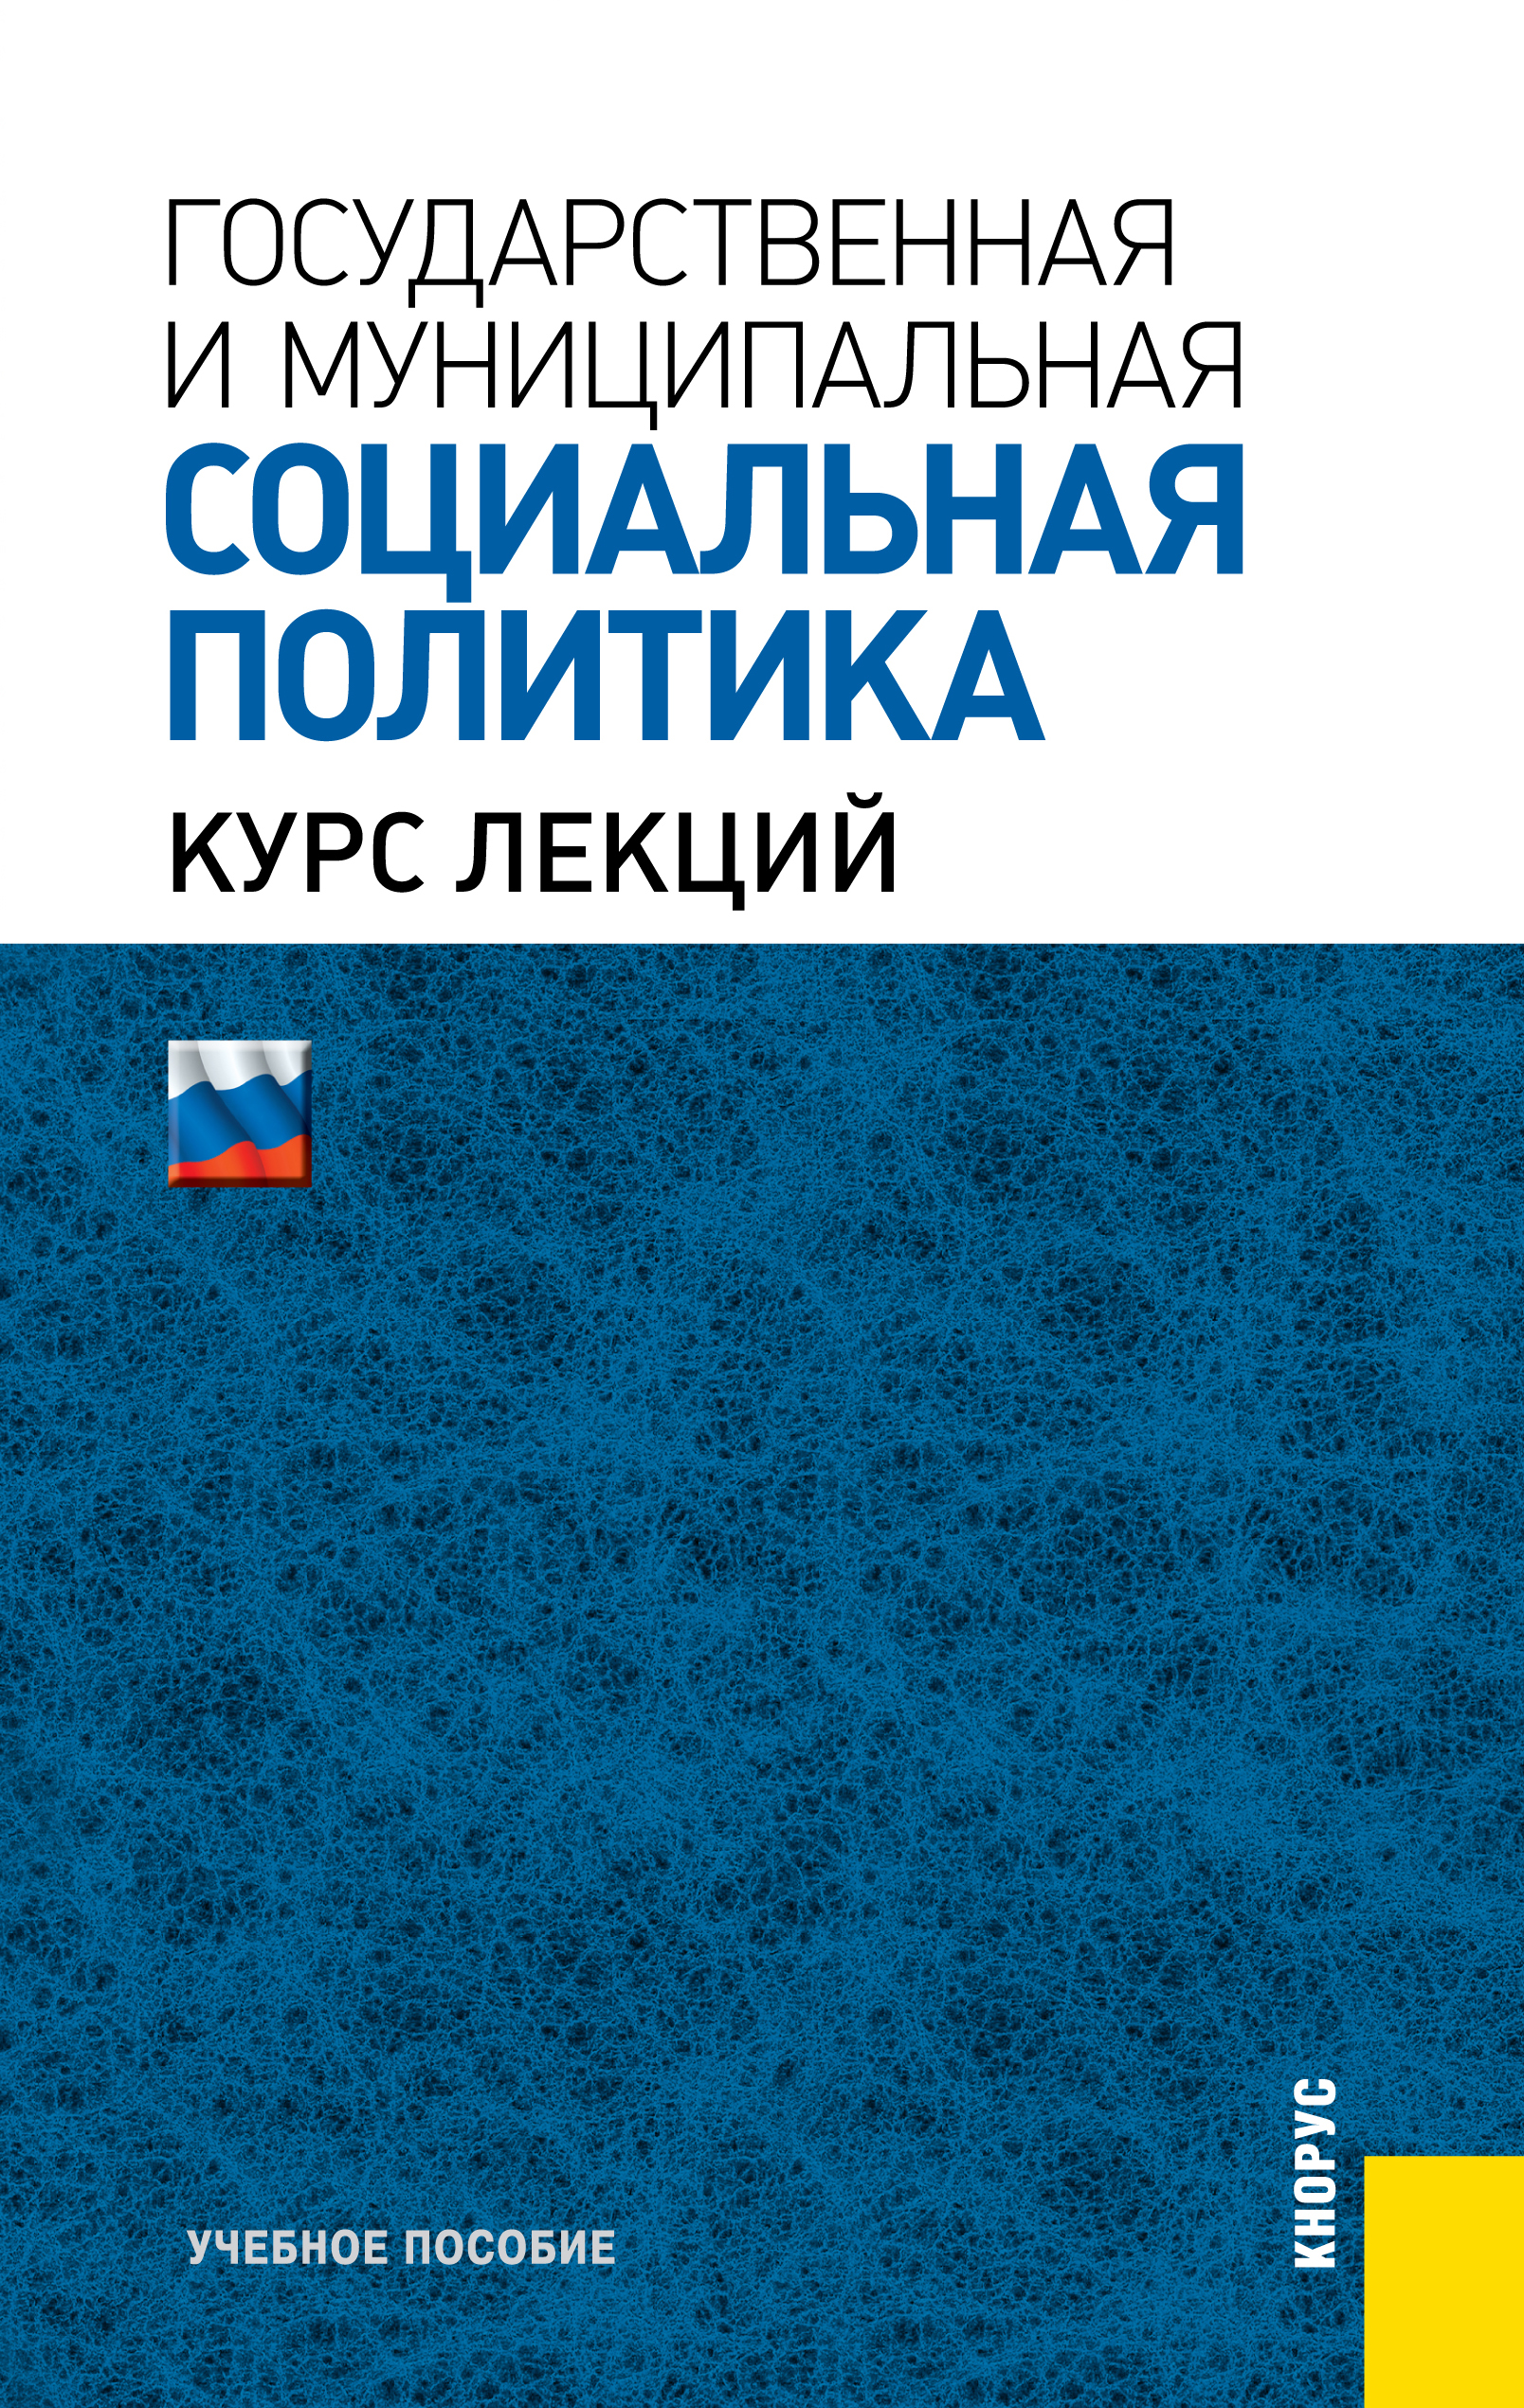 Николай Волгин Государственная и муниципальная социальная политика государственная и муниципальная социальная политика учебное пособие